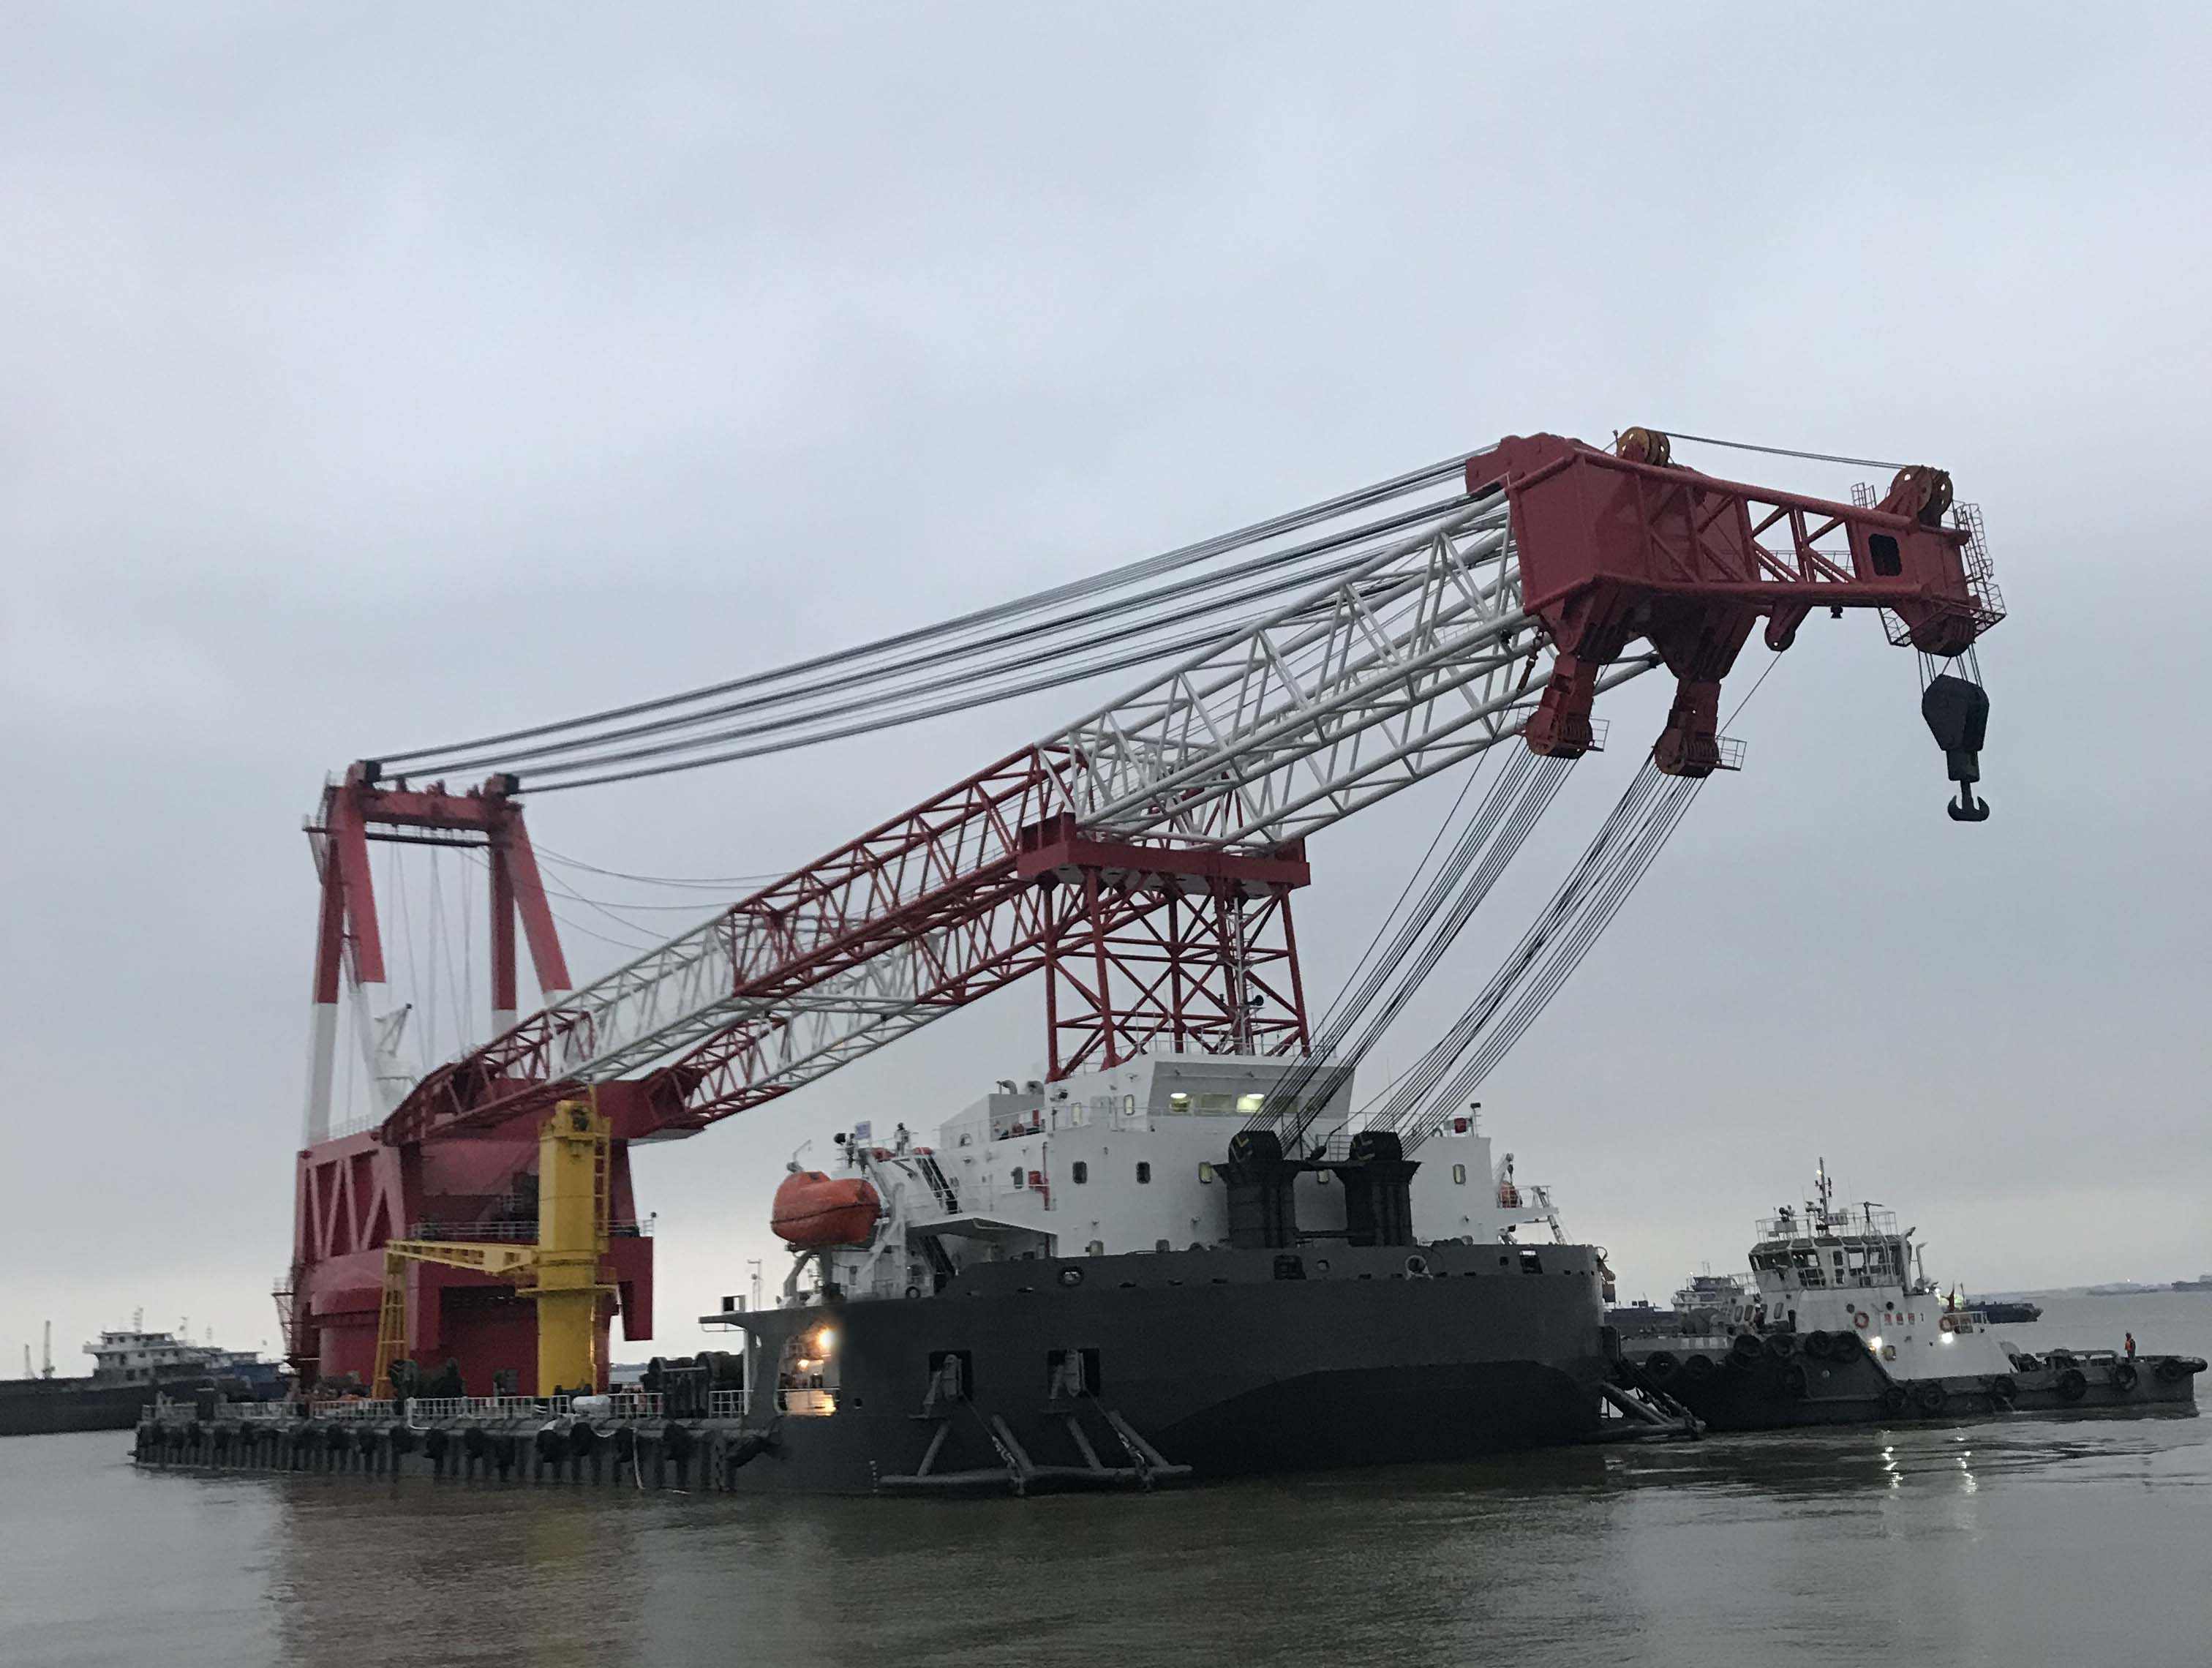 出售1500吨全回转起重船